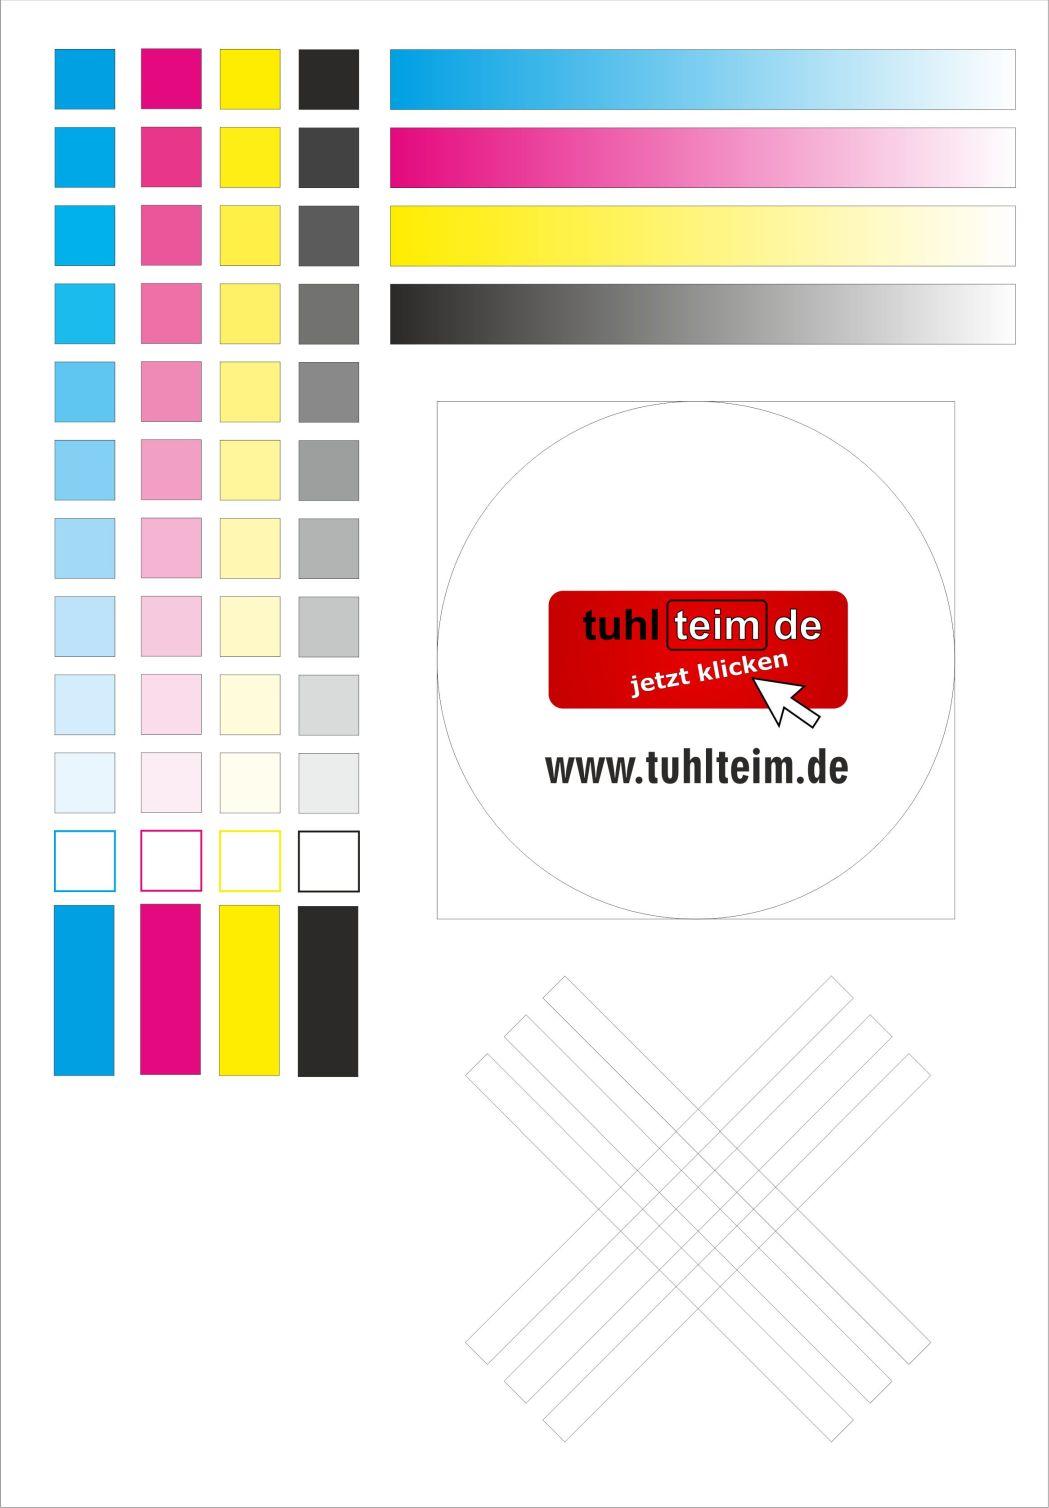 Testseite für Tintenstrahldrucker - Druckertest - Tuhl Teim DE